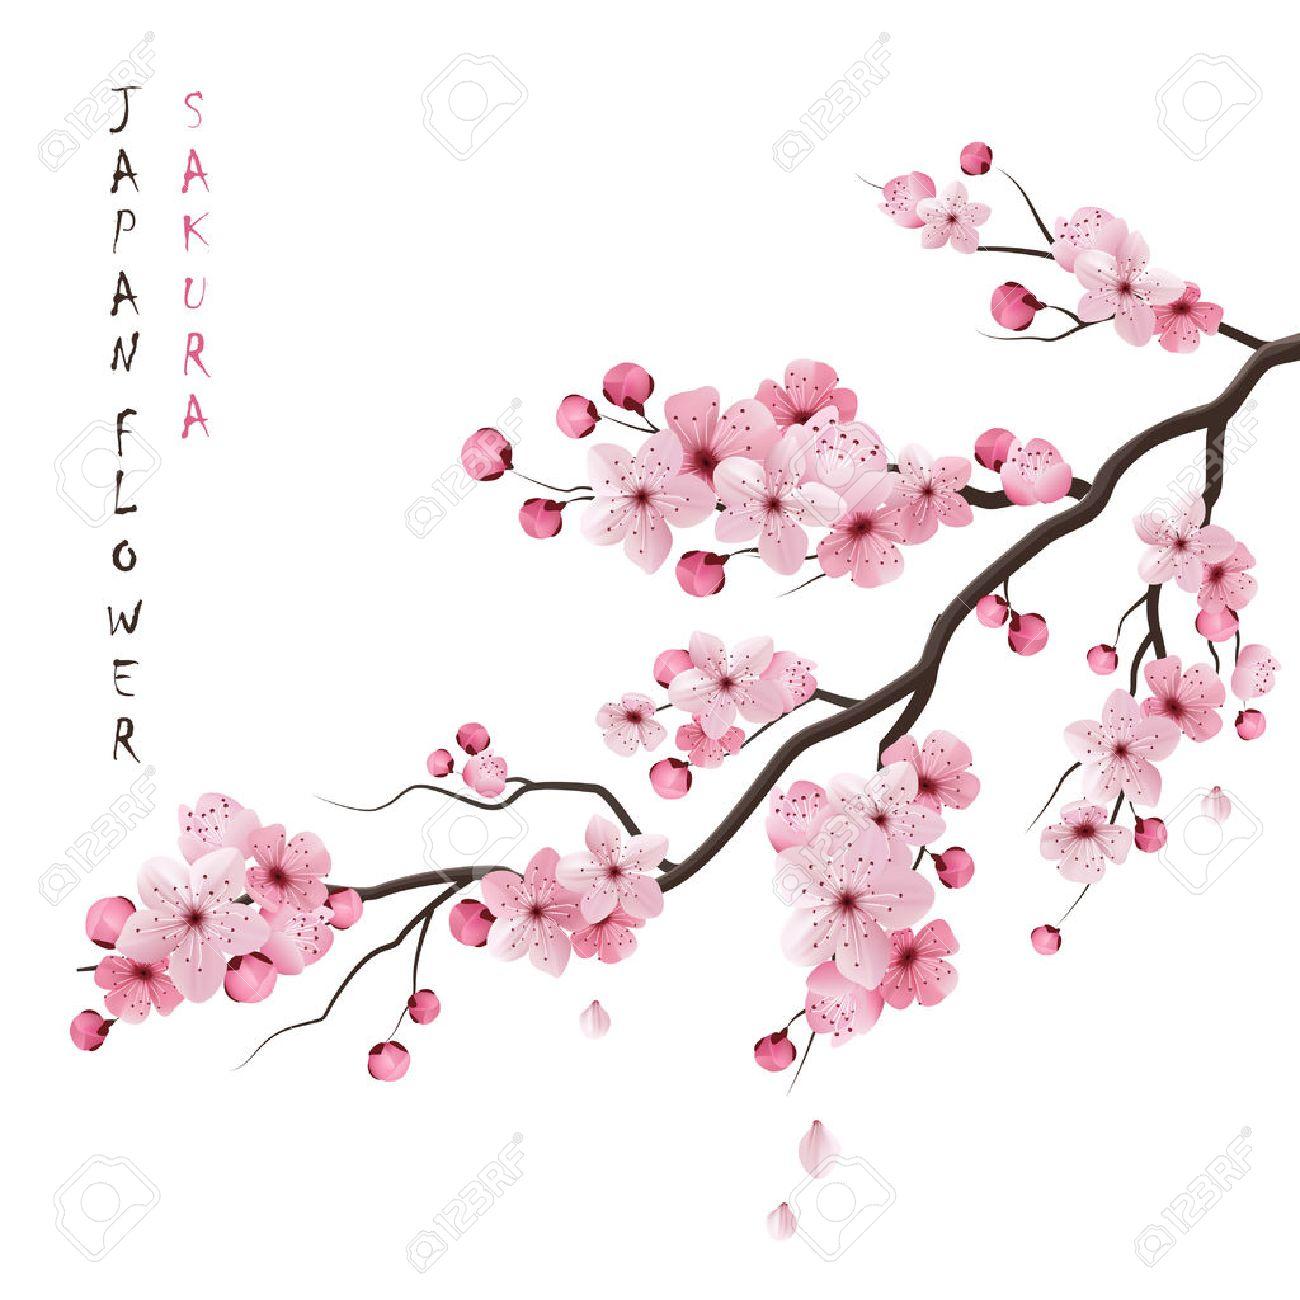 Realiste Sakura Japon Branche De Cerisier Avec Des Fleurs En Fleurs Illustration Vectorielle Clip Art Libres De Droits Vecteurs Et Illustration Image 50704476